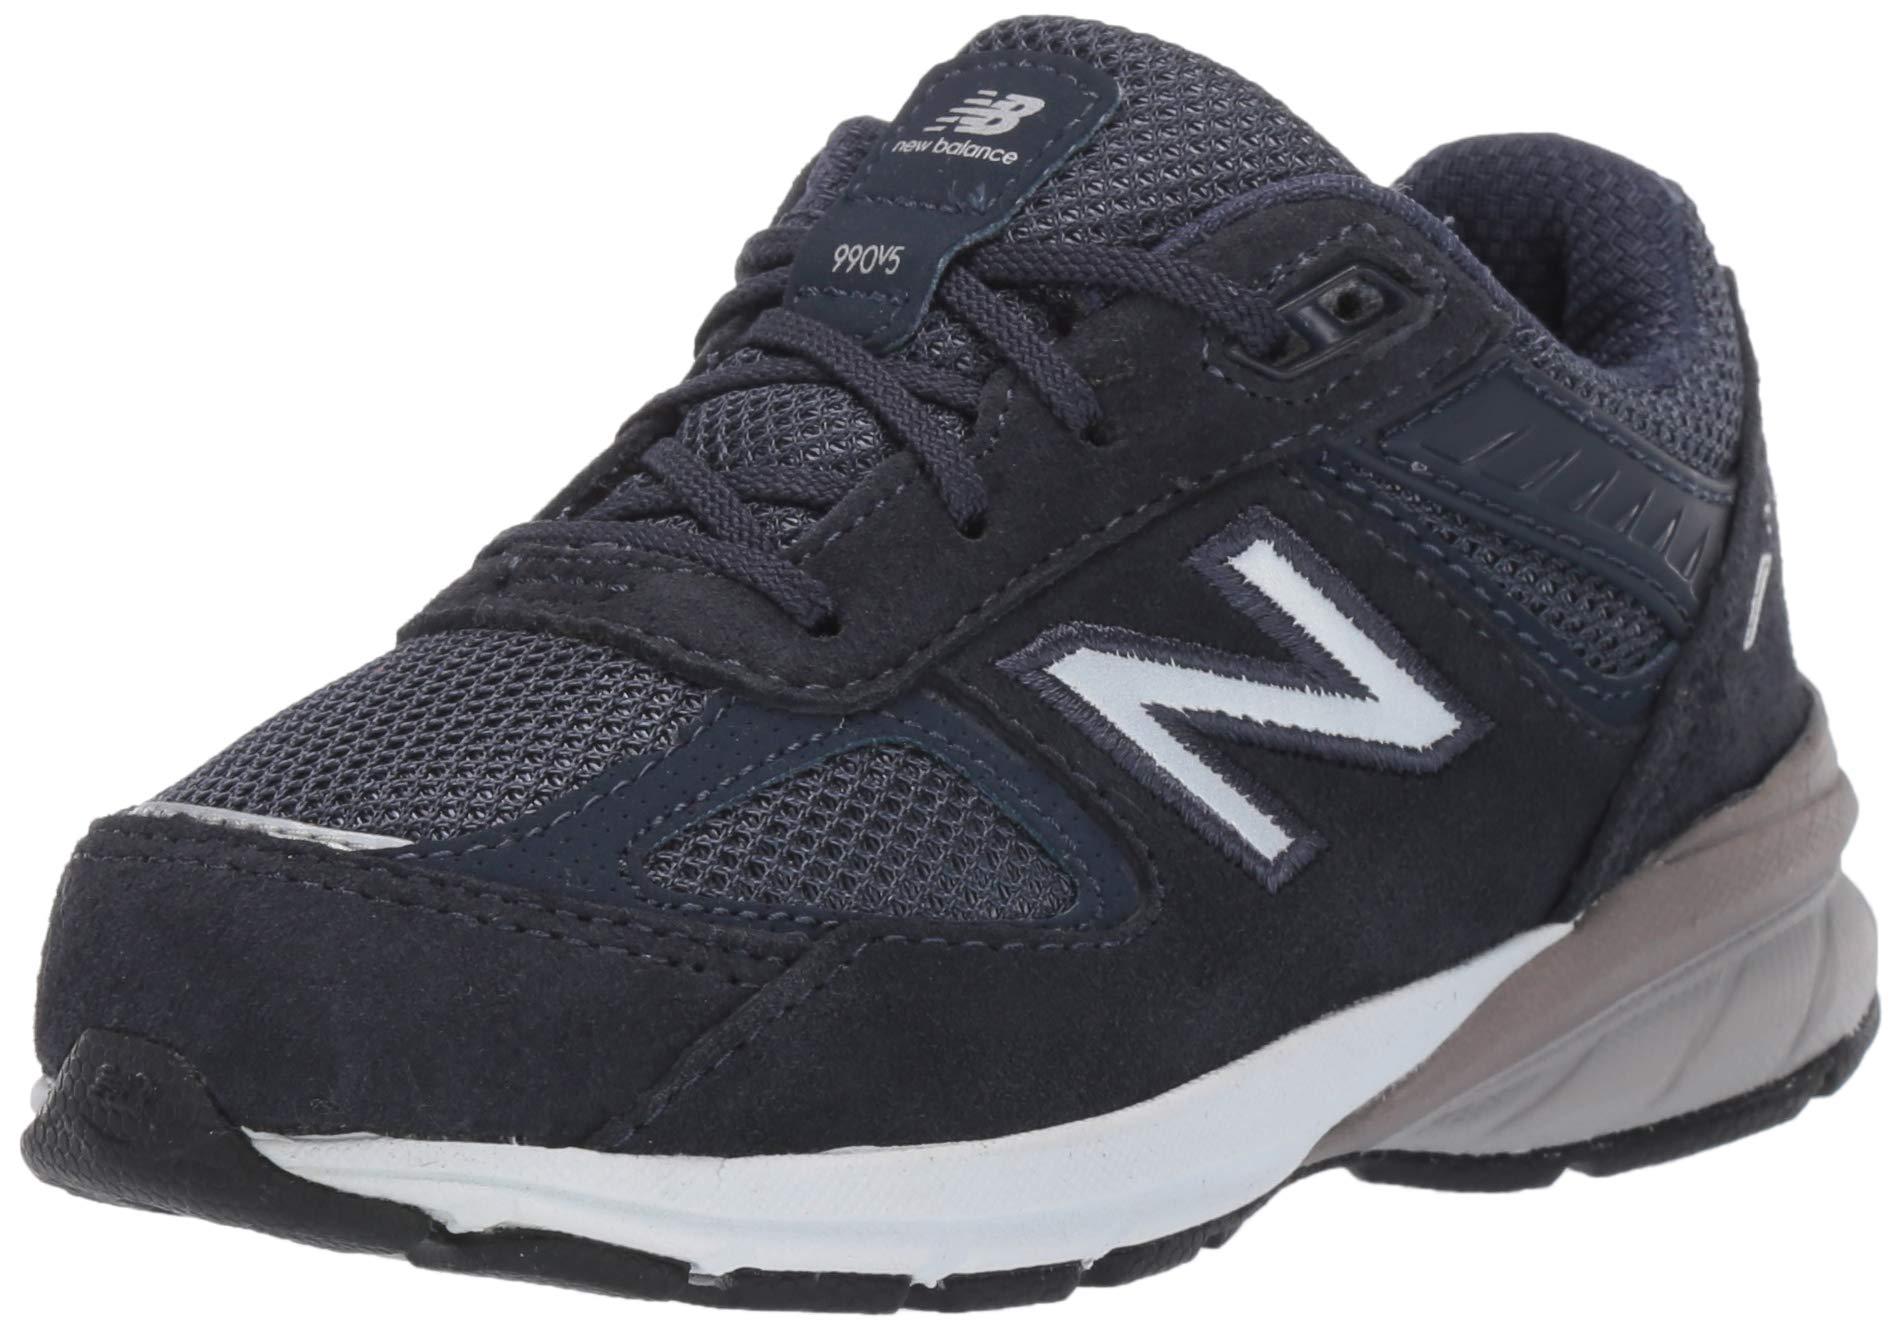 New Balance Boys' 990v5 Running Shoe, Navy, 6.5 M US Big Kid